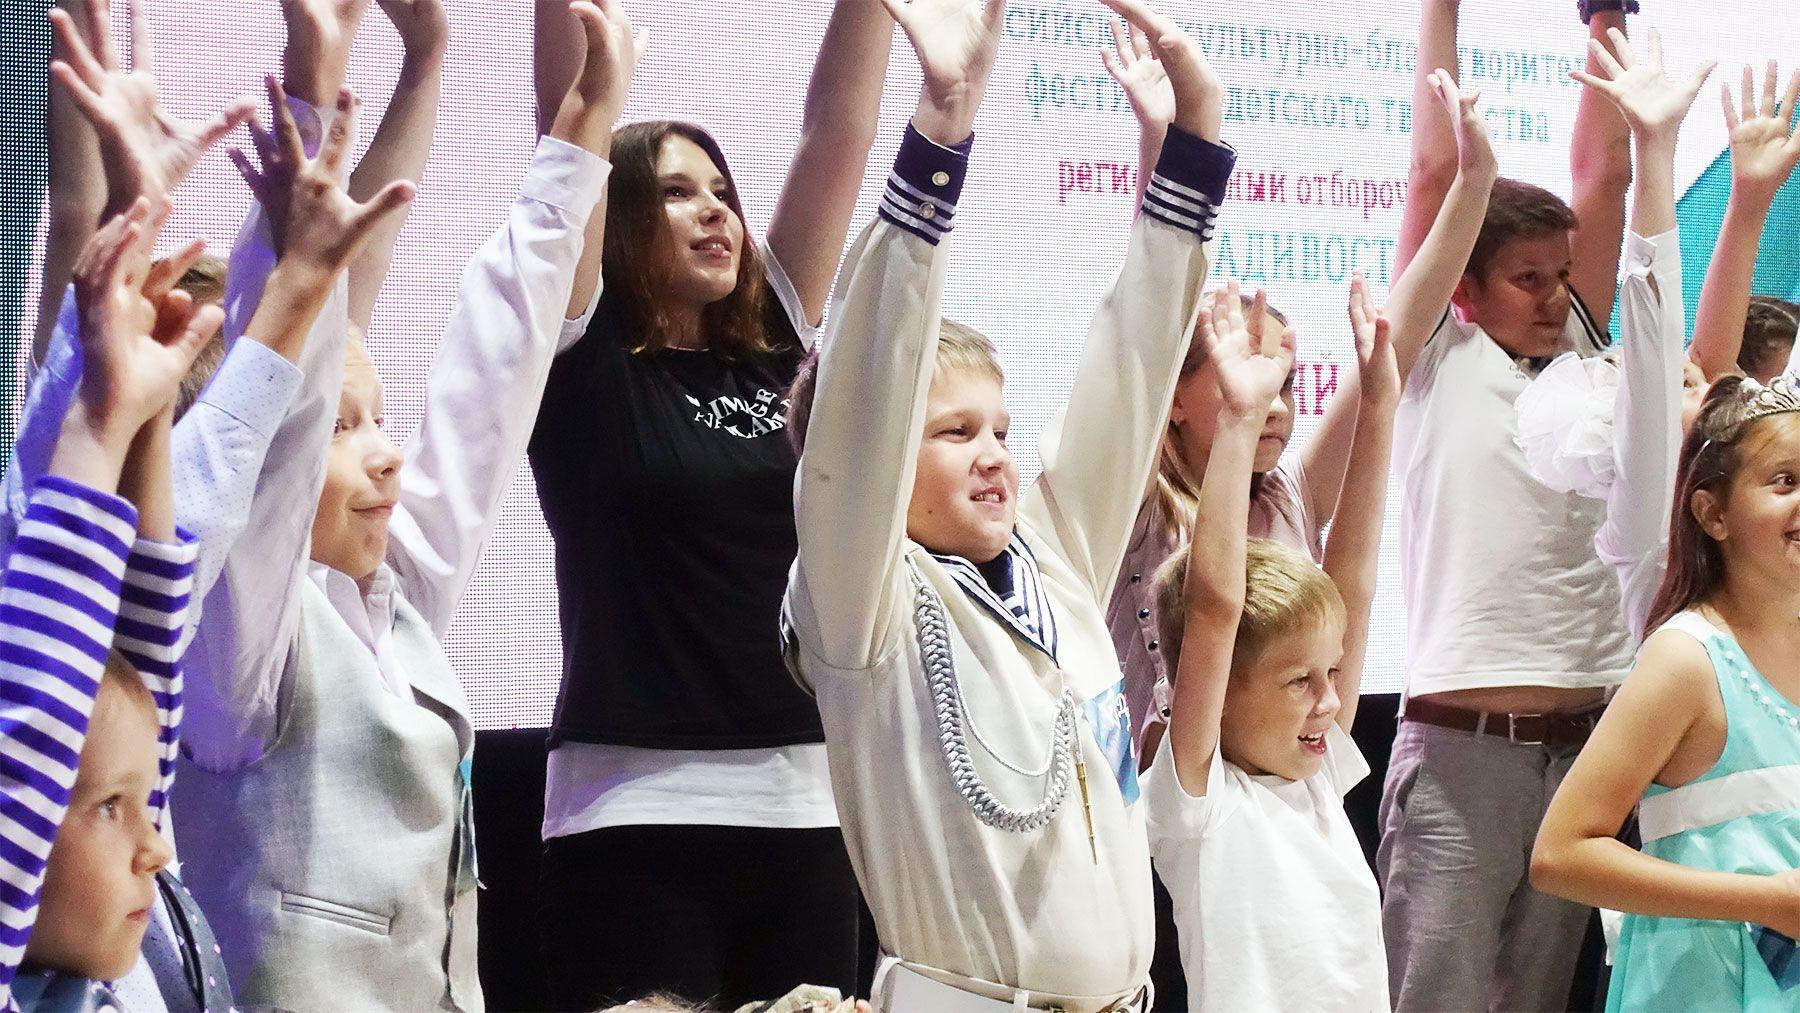 Четвертый отборочный тур Всероссийского фестиваля «Добрая волна» стартовал в театре «Андеграунд» ВГУЭС